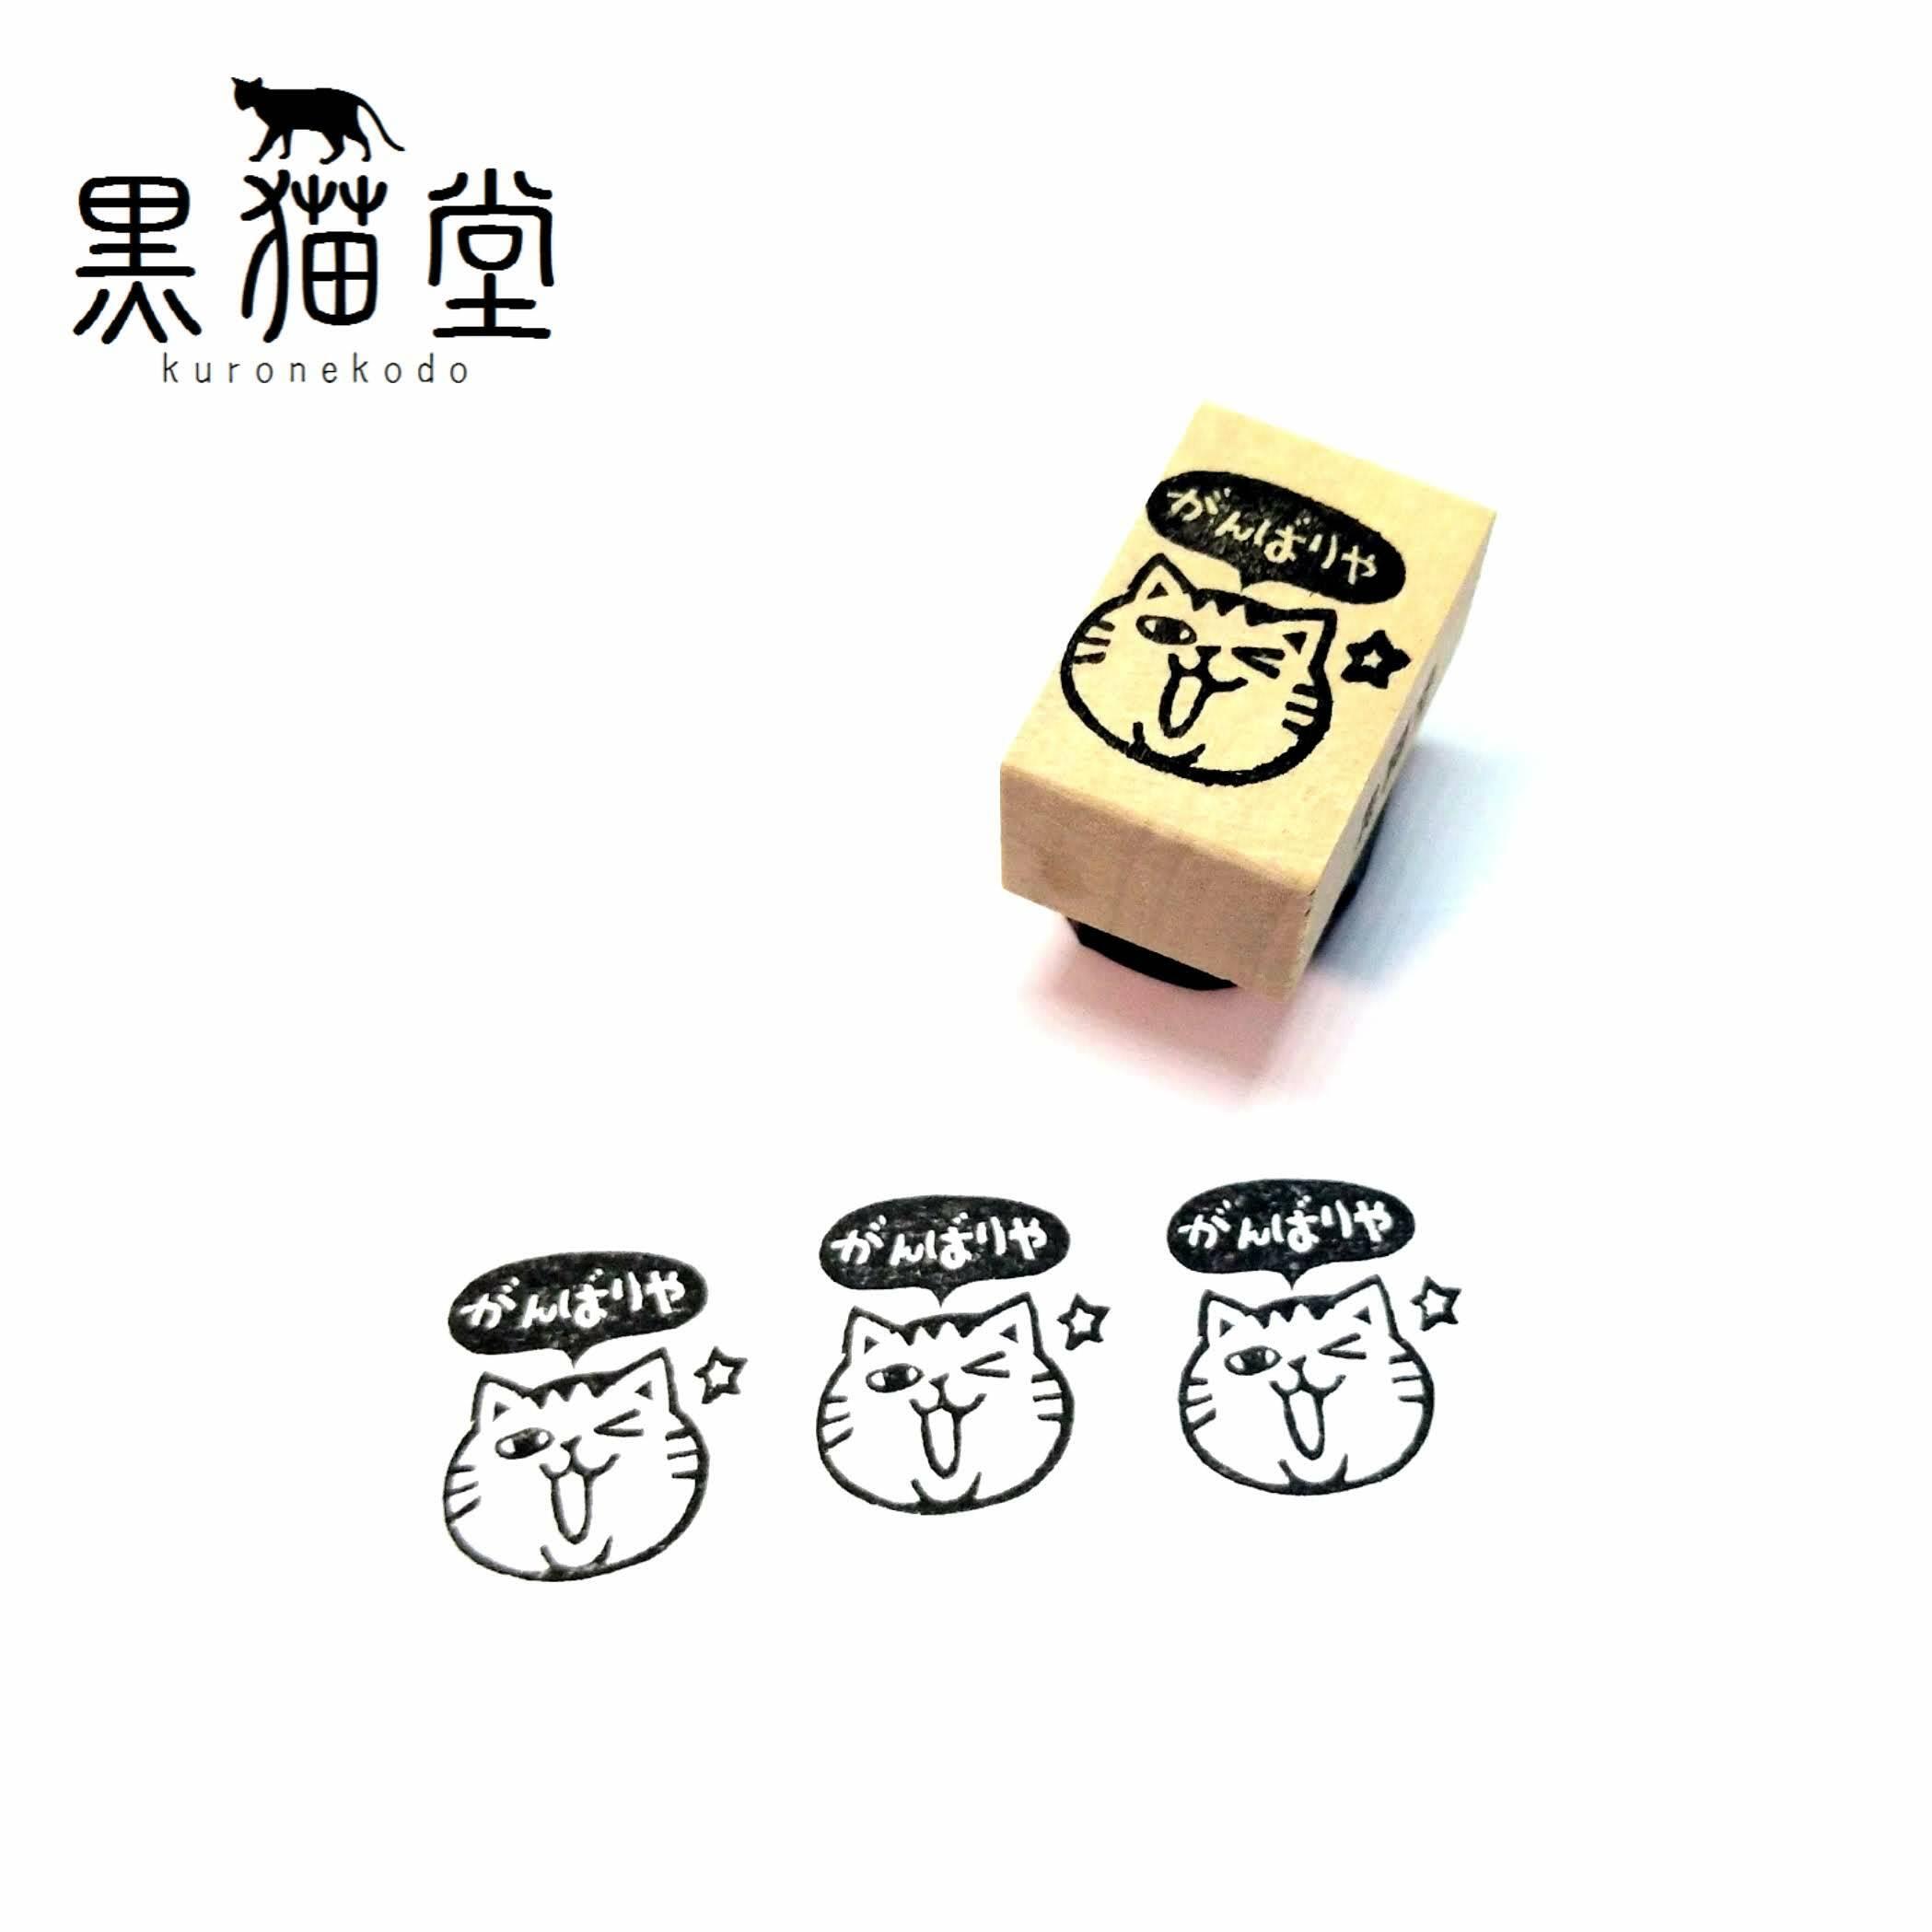 関西弁ネコ「がんばりや」